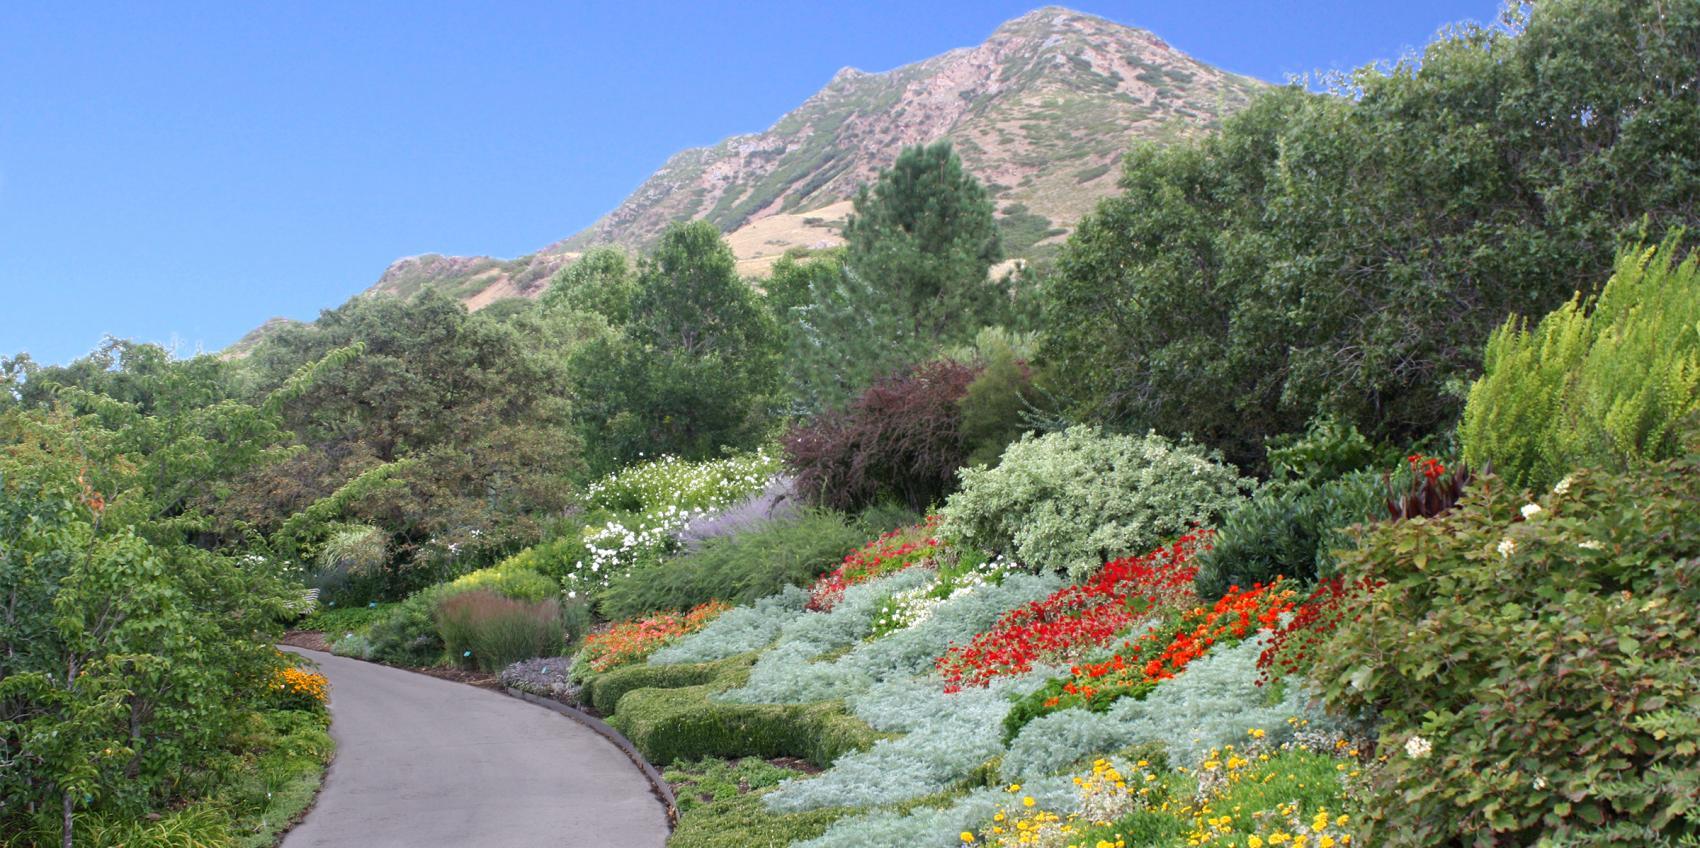 Red Butte Garden Arboretum American Public Gardens Association